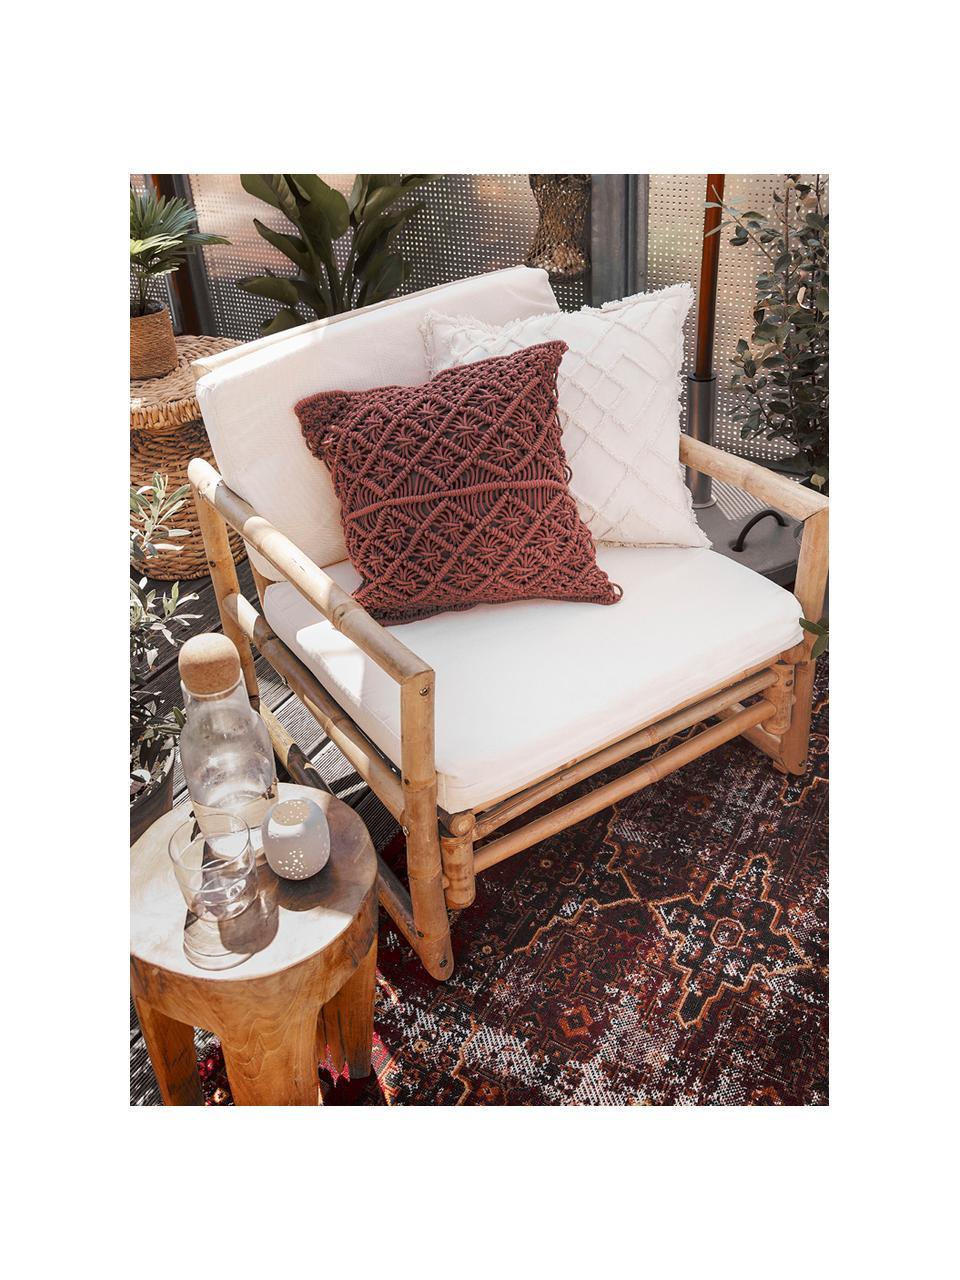 In- & Outdoor-Teppich Tilas Izmir in Dunkelrot, Orient Style, 100% Polypropylen, Dunkelrot, Senfgelb, Khaki, B 80 x L 150 cm (Größe XS)